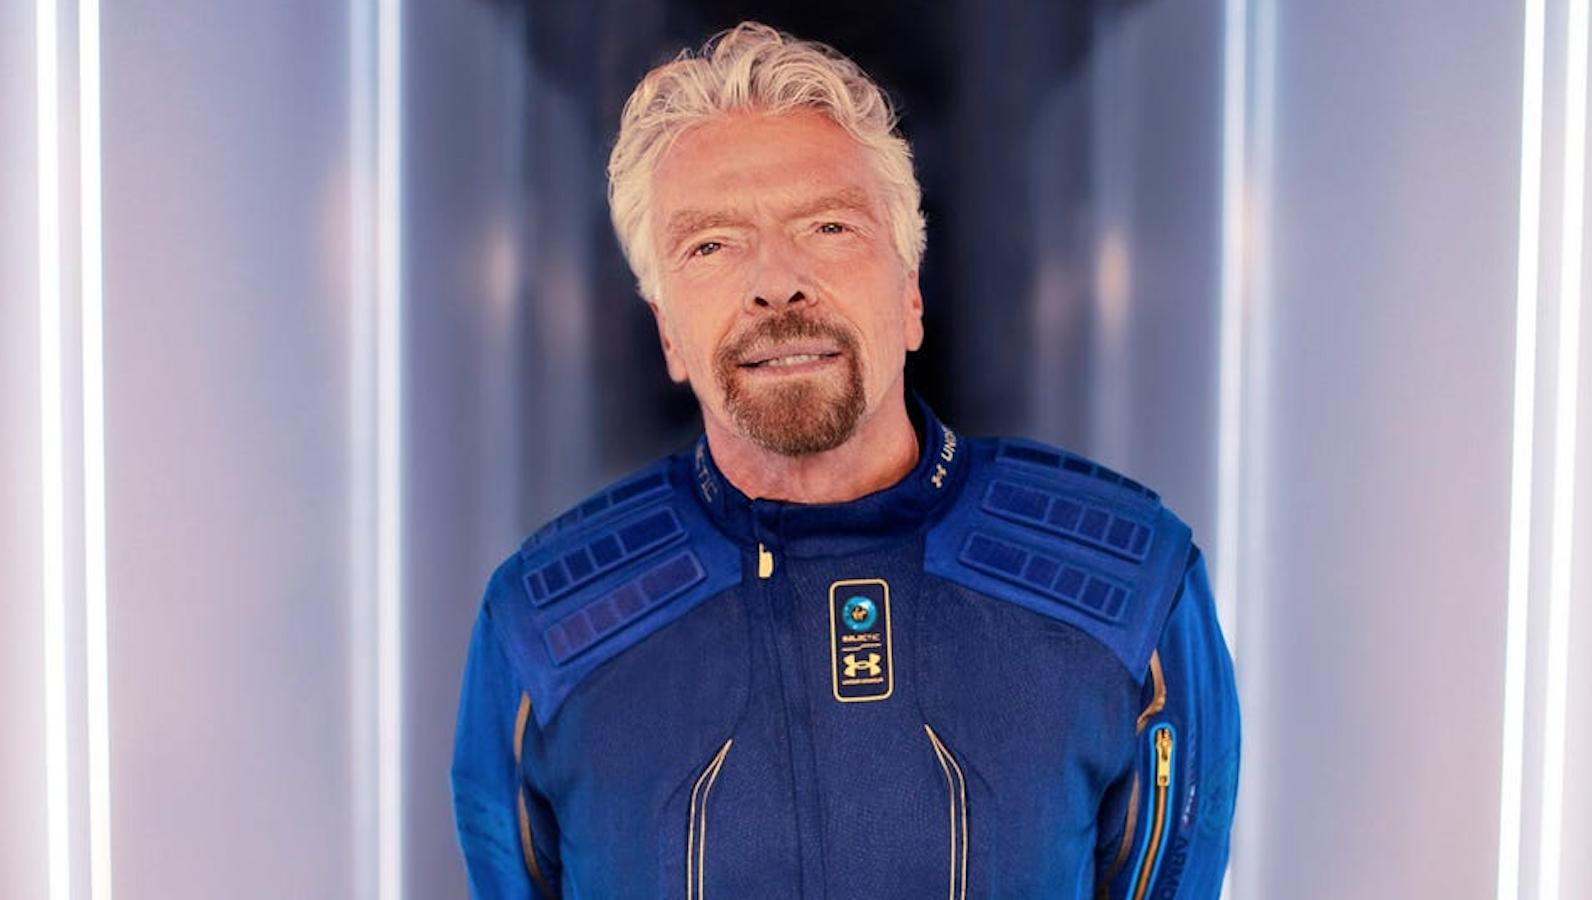 Cómo el fundador de Virgin se convirtió en el primer multimillonario en volar su propio cohete